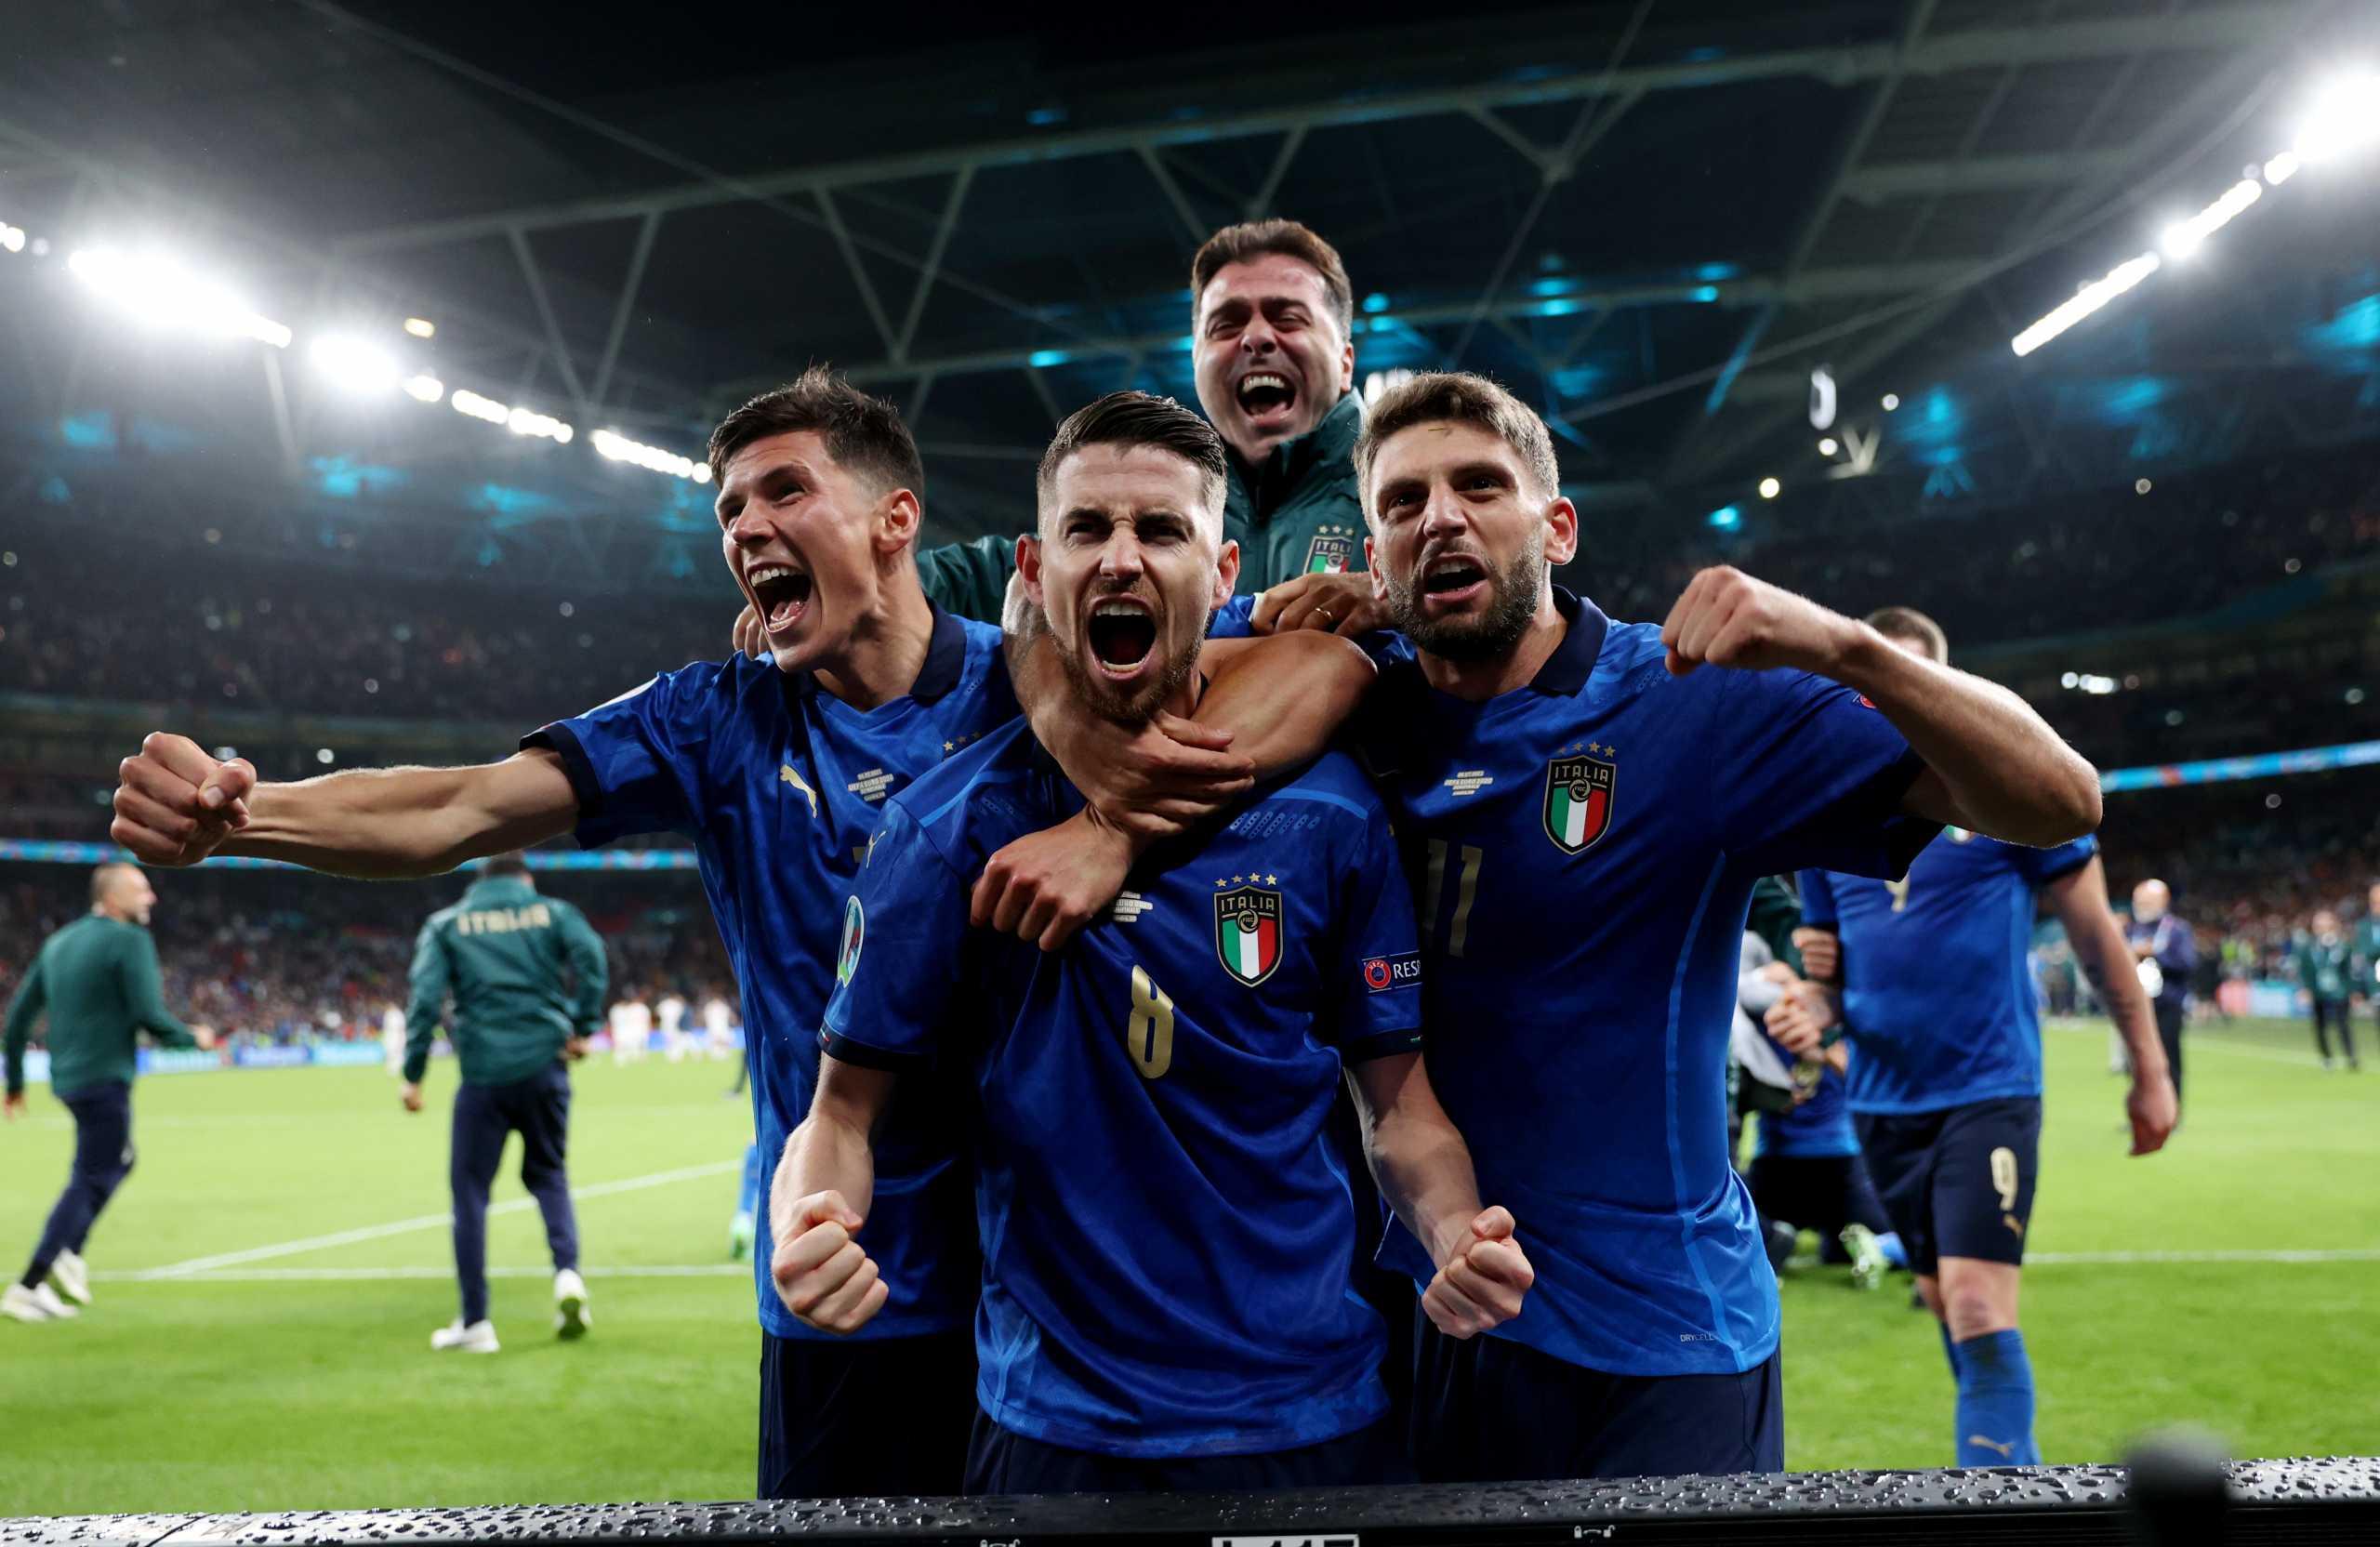 Euro 2020, Ιταλία – Ισπανία 1-1: Τελικό με ψυχή, στα πέναλτι κρίθηκε η πρόκριση (4-2)